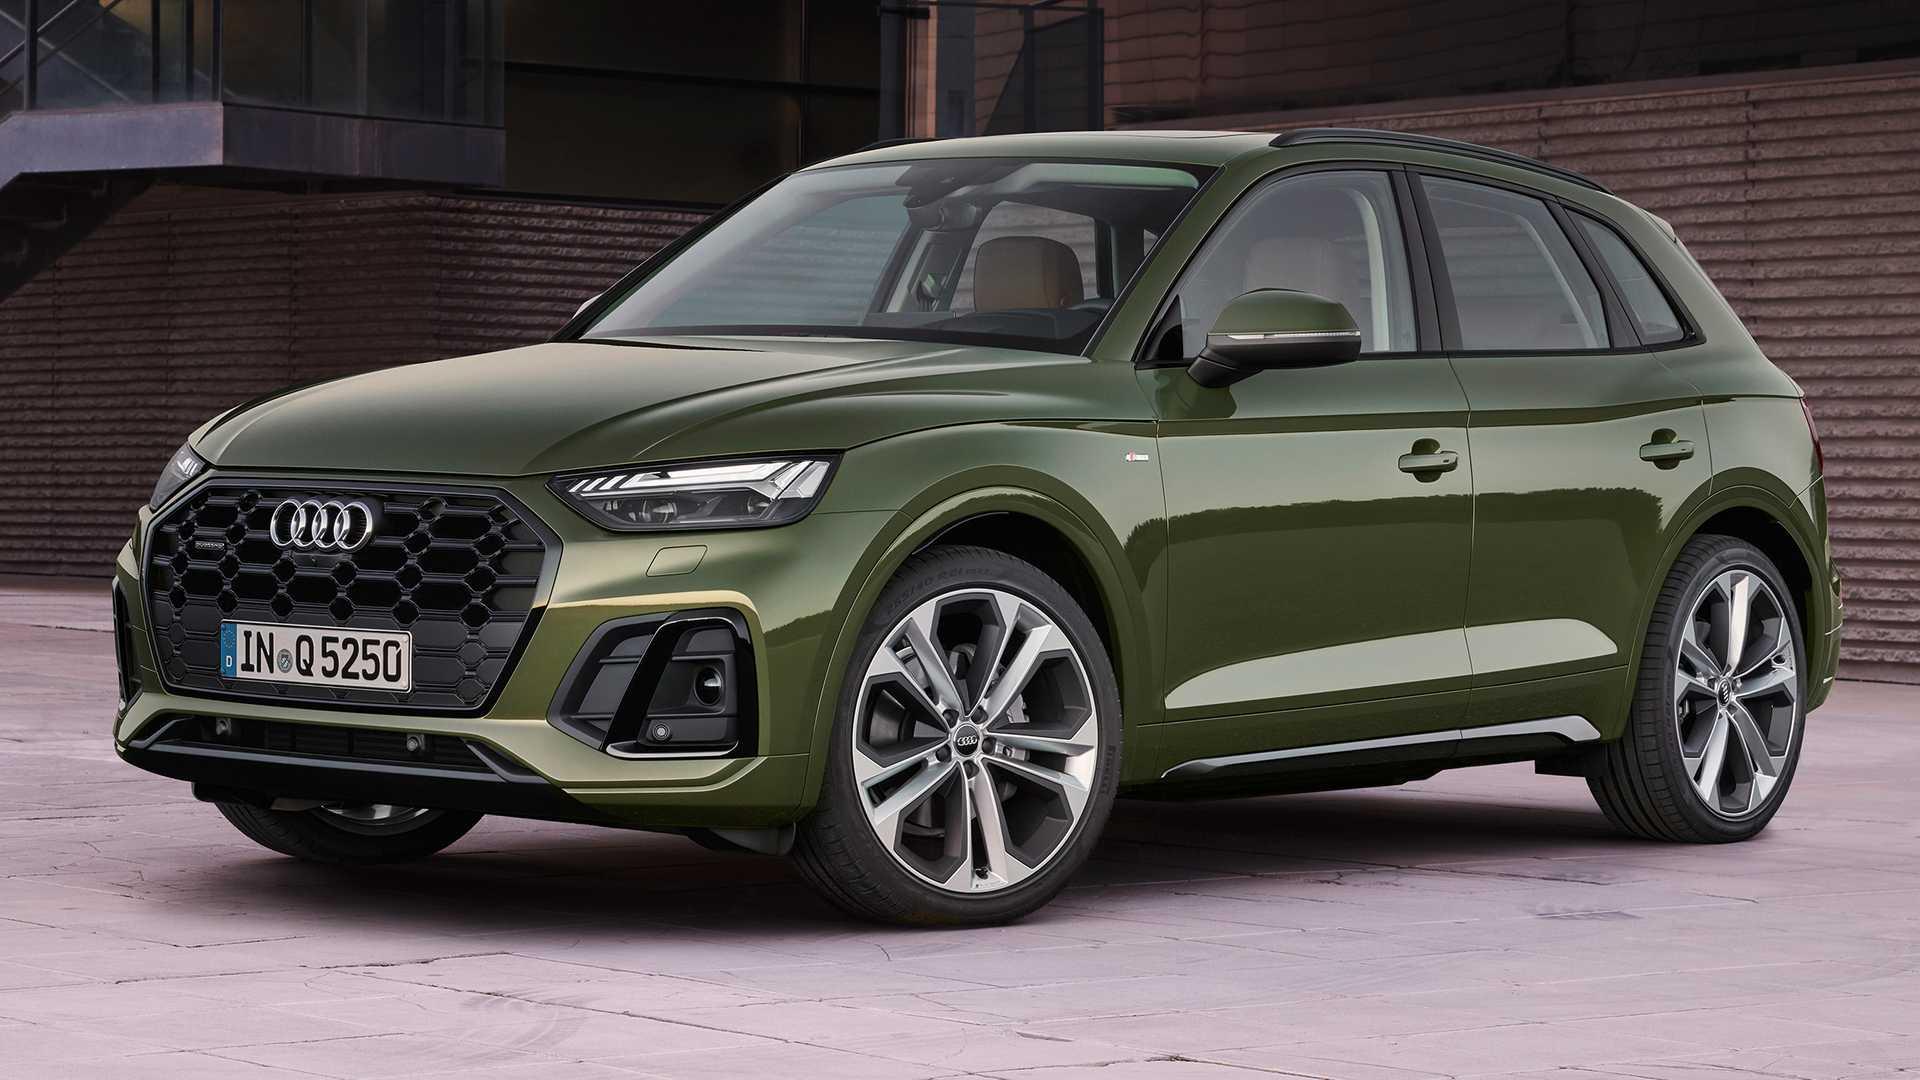 Der aktualisierte Crossover Audi Q5: ein neuer Look und eine neue Hybridtechnologie